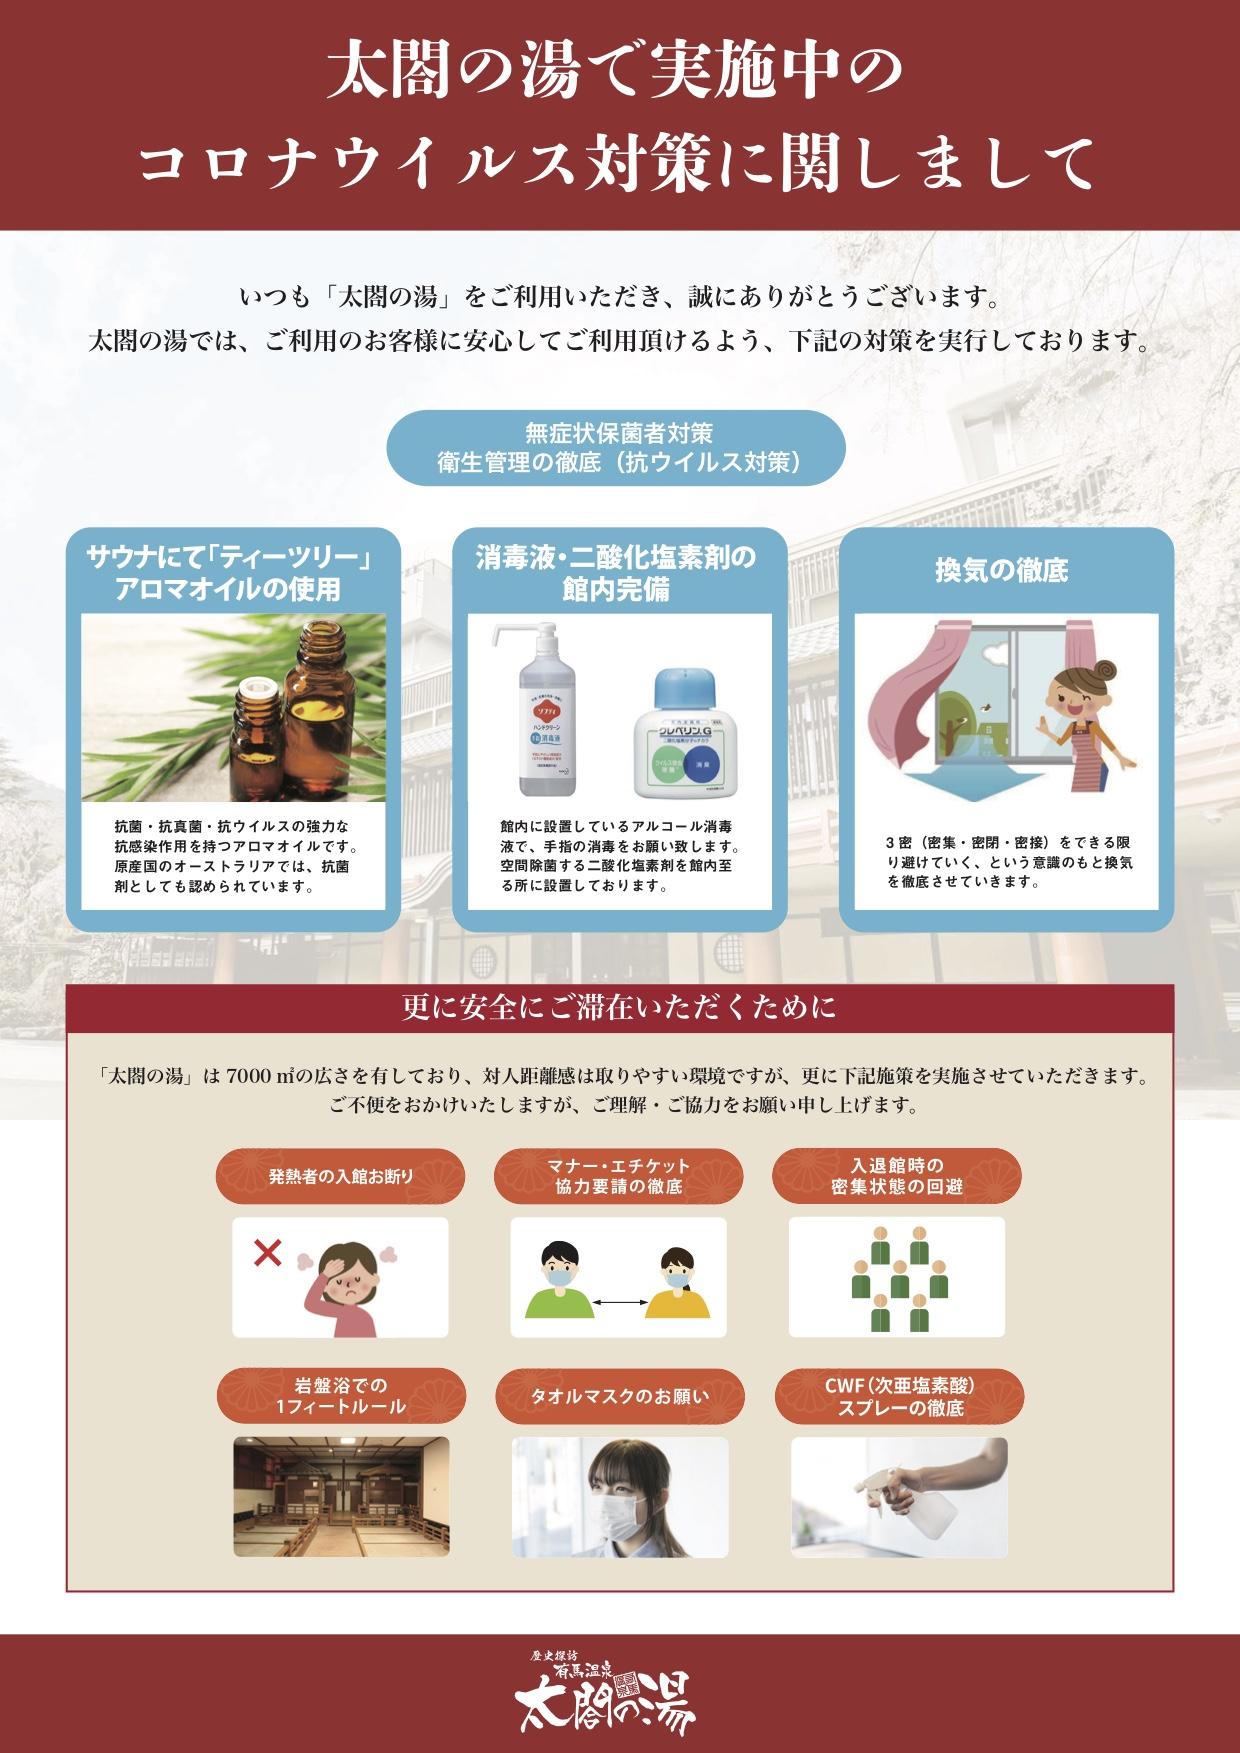 太閤の湯の新型コロナウイルス感染対策